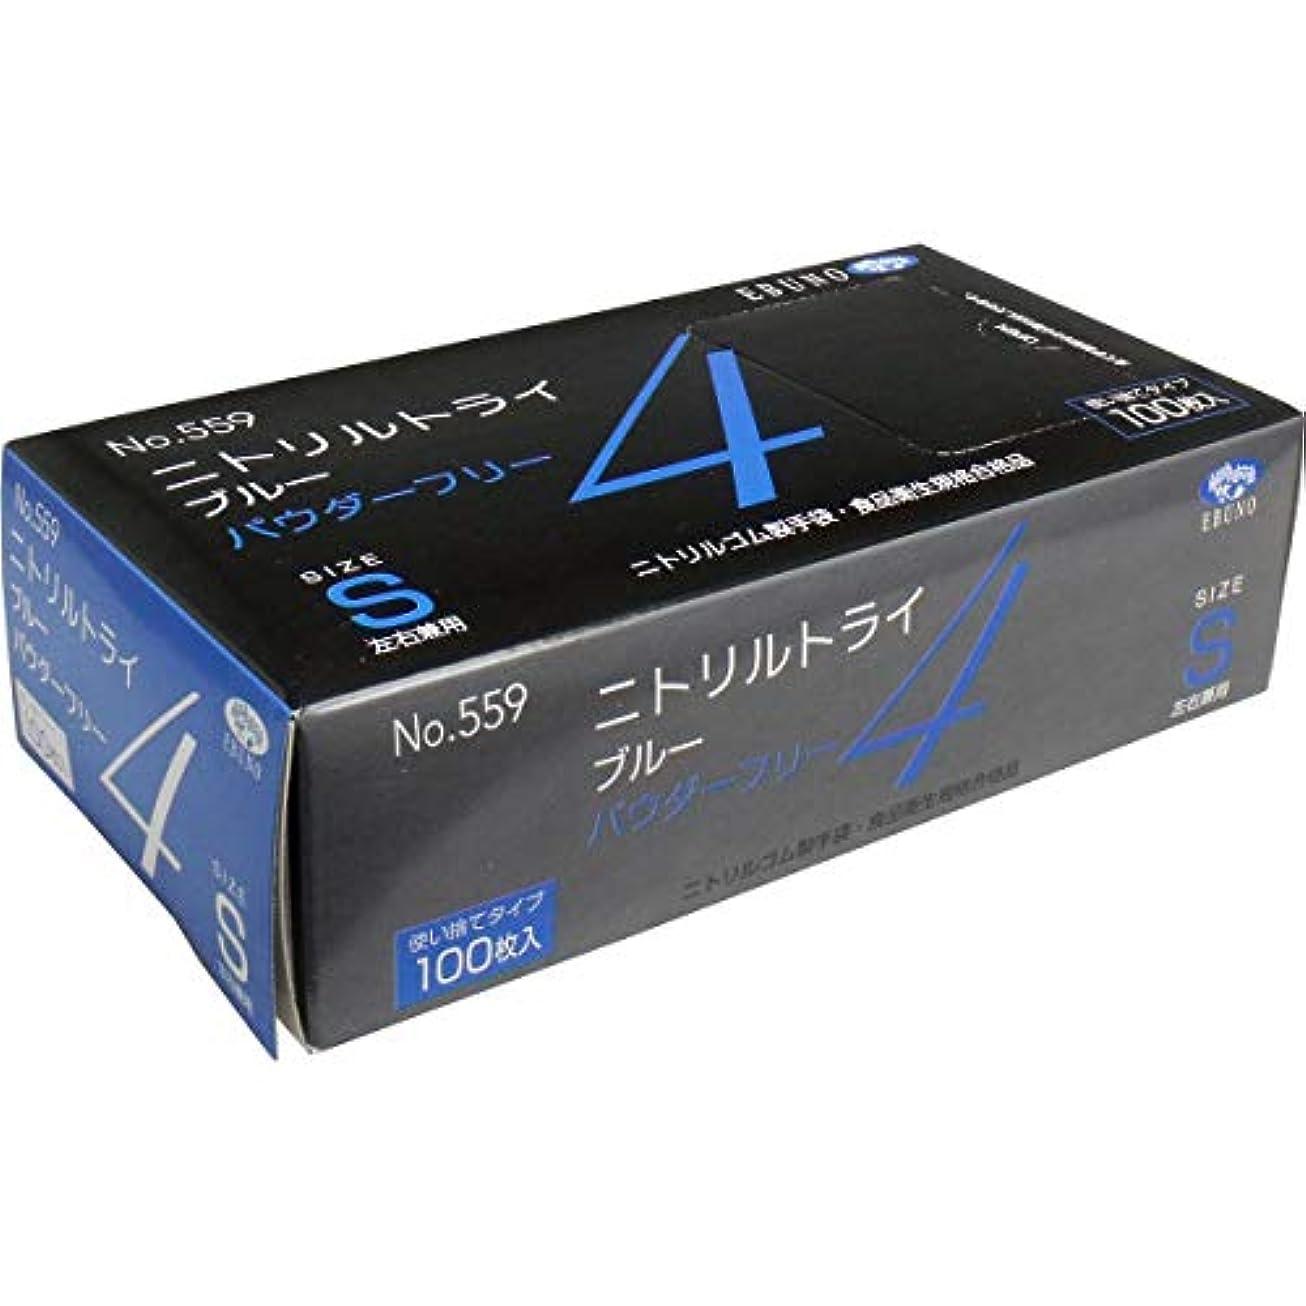 義務故意のラメニトリルトライ4 手袋 ブルー パウダーフリー Sサイズ 100枚入×2個セット